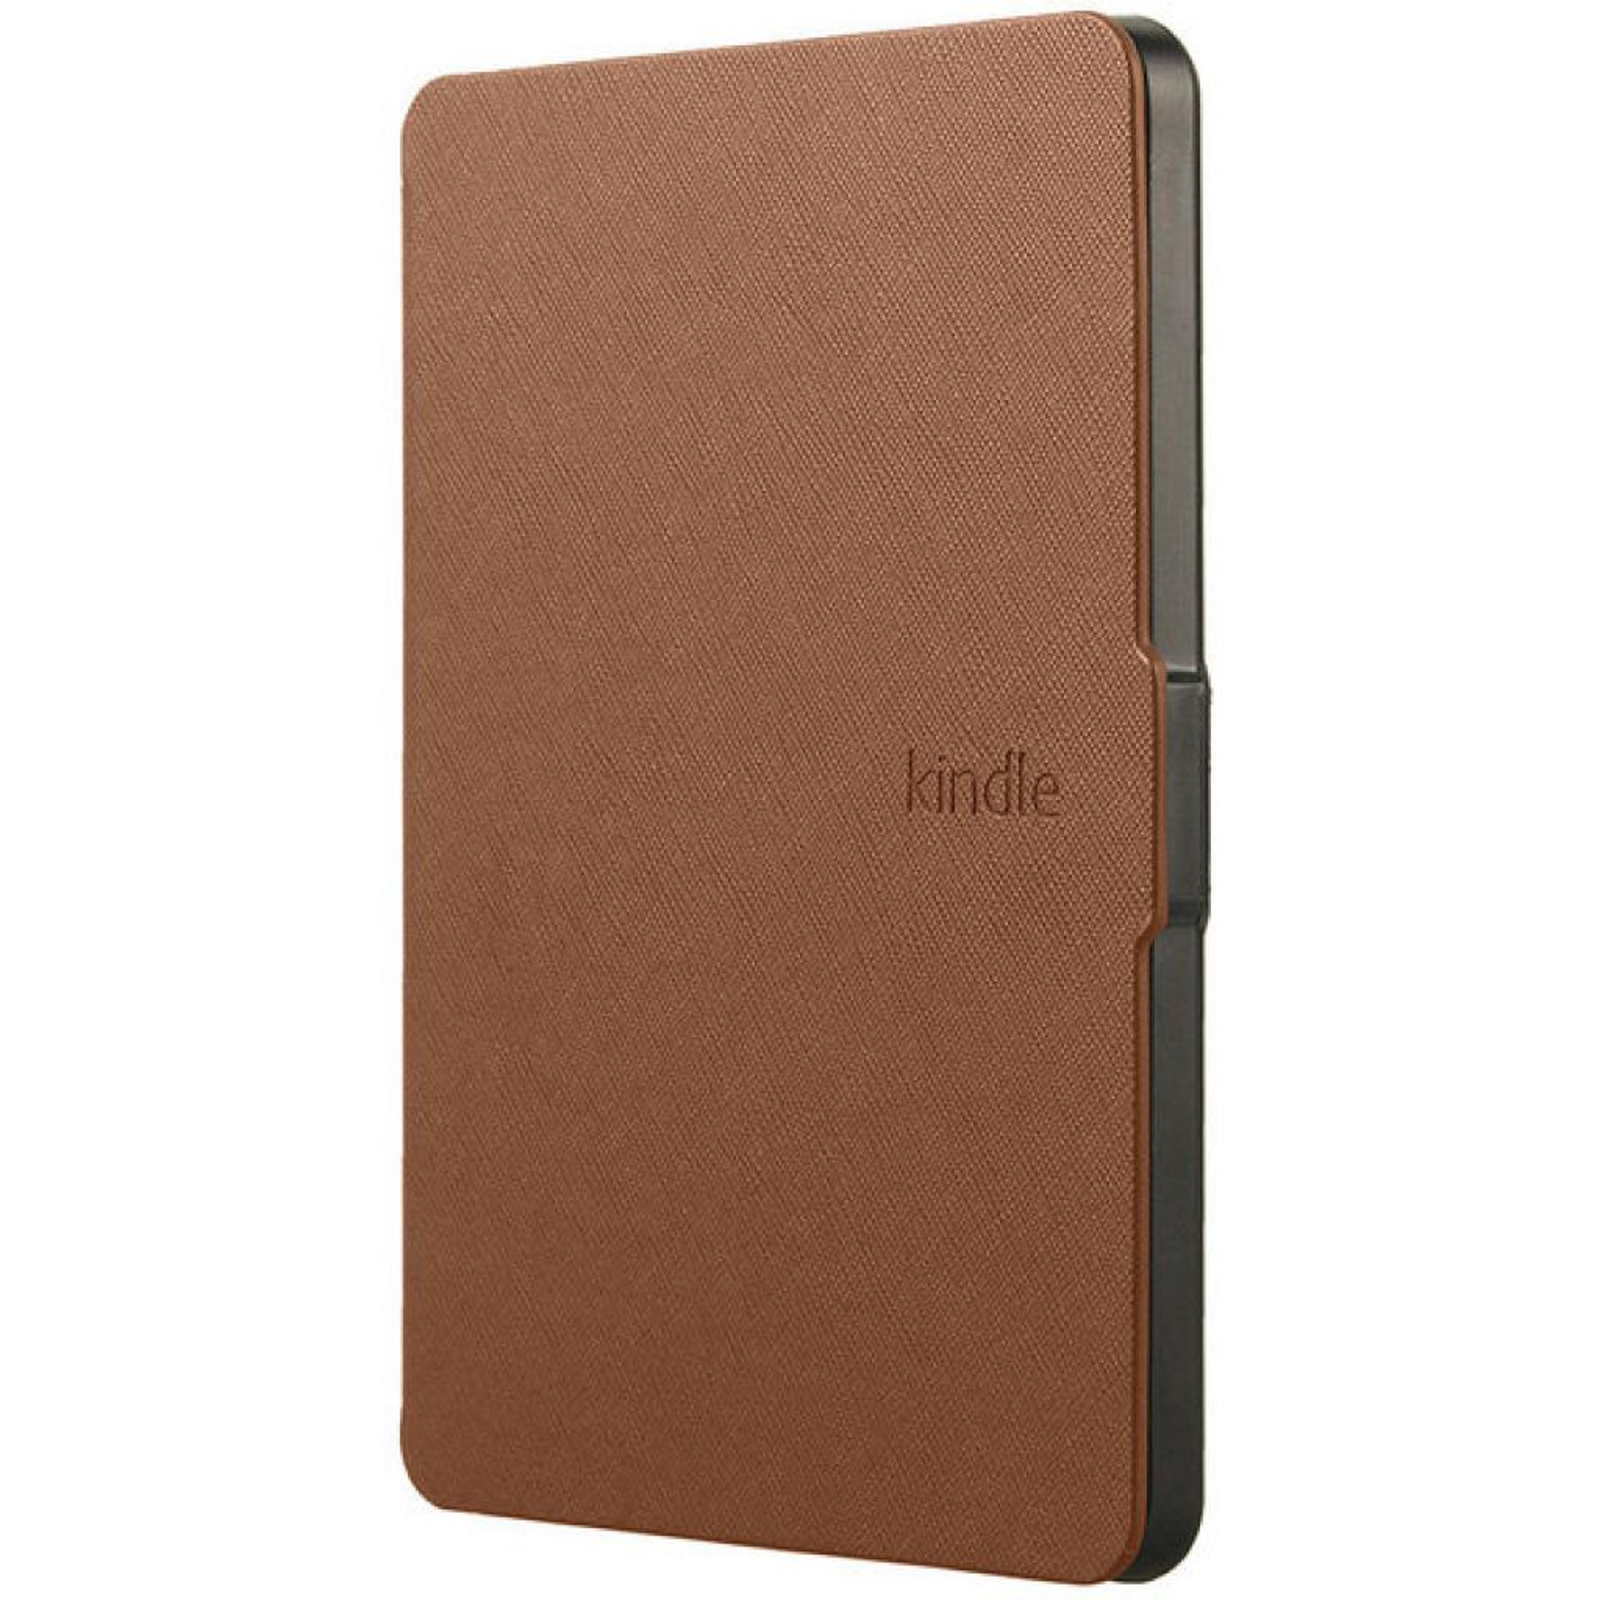 Чехол для электронной книги AirOn для Amazon Kindle 6 brown (4822356754494) изображение 3